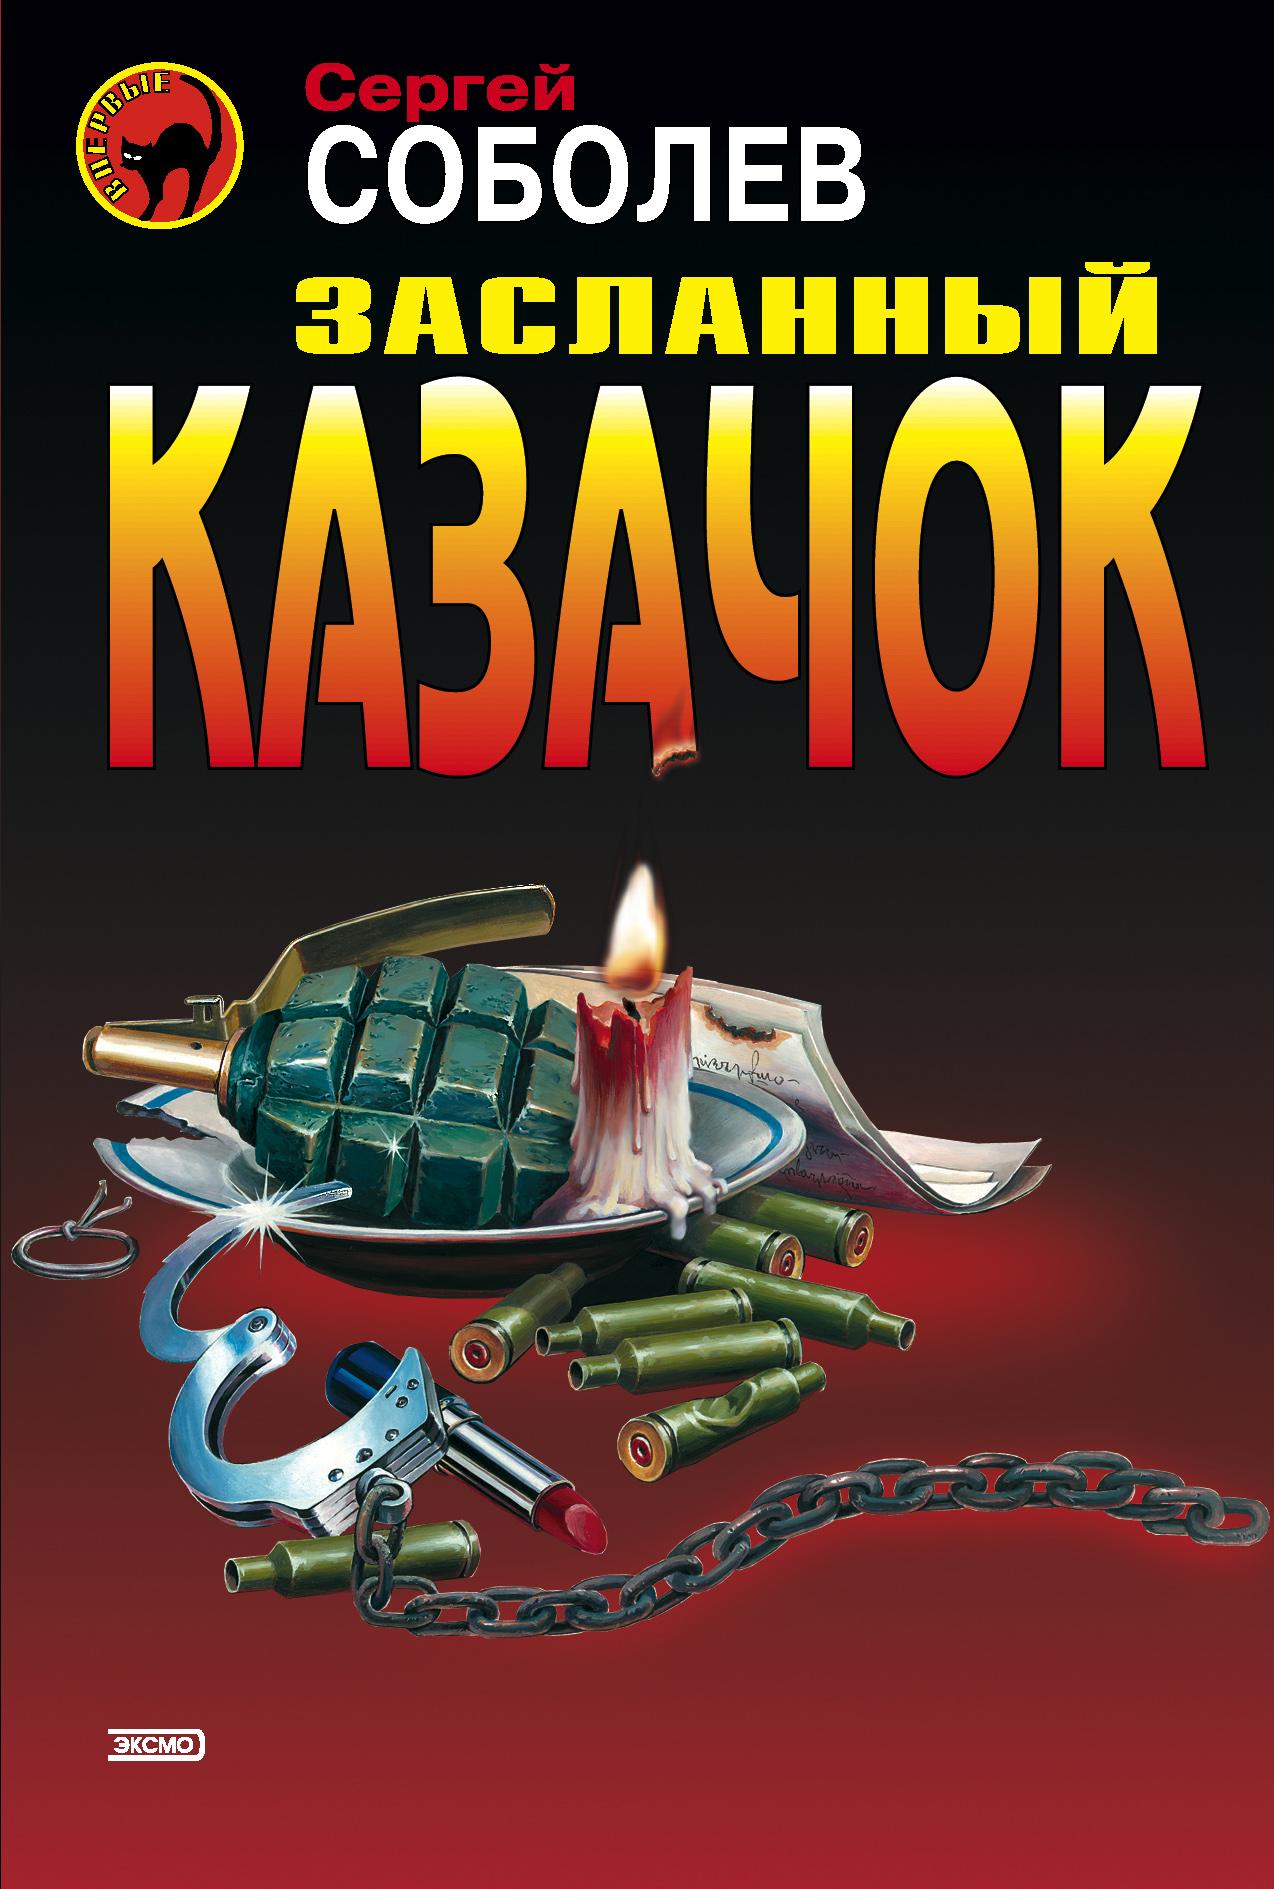 Книга Засланный казачок